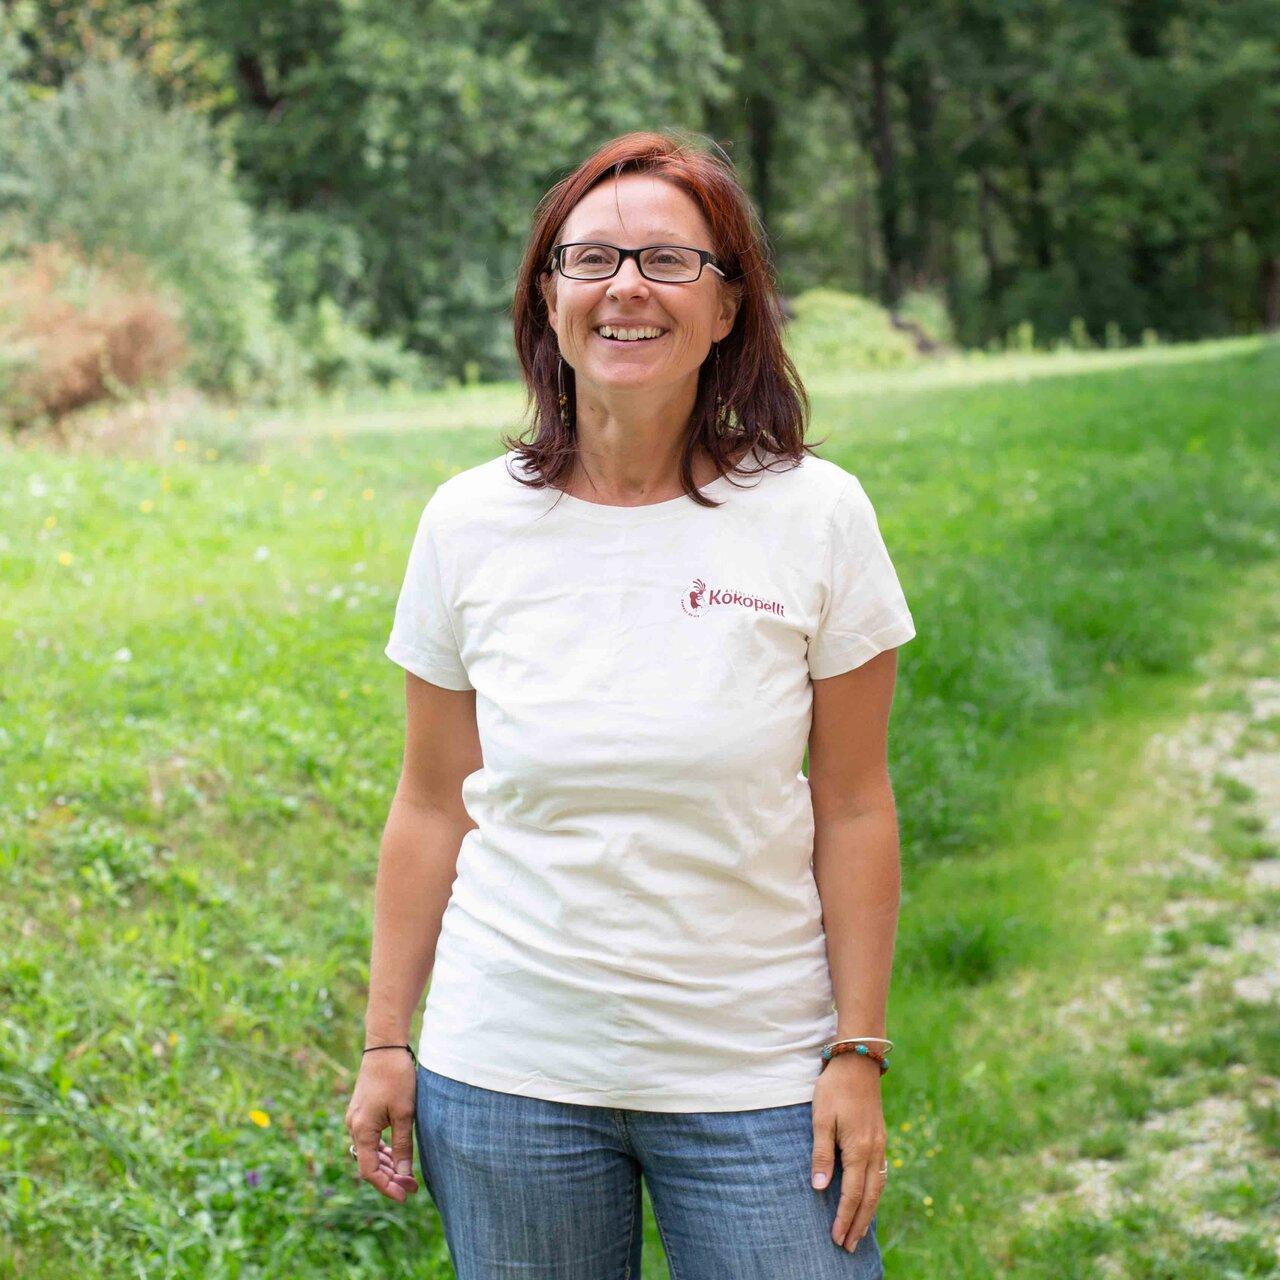 Vêtements - T-Shirt femme écru, taille M